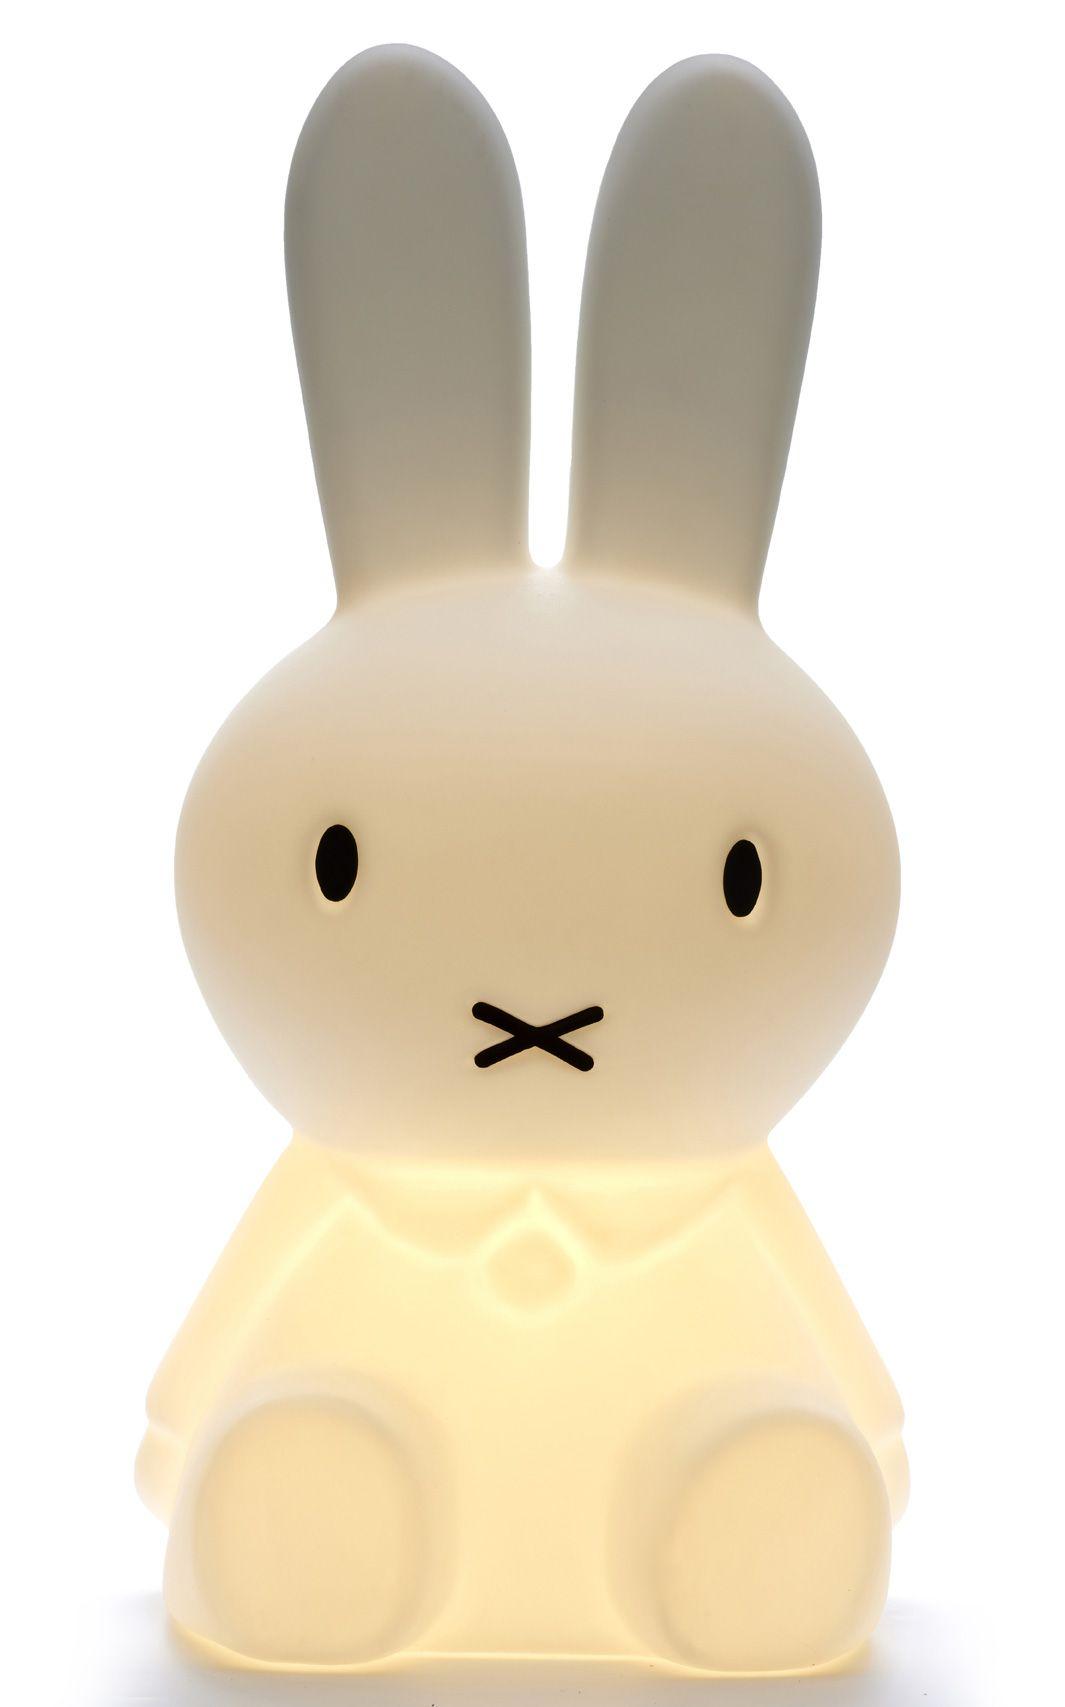 Lampe Veilleuse Lapin Miffy laurie lumière, luminaire chambre enfant, lampe veilleuse